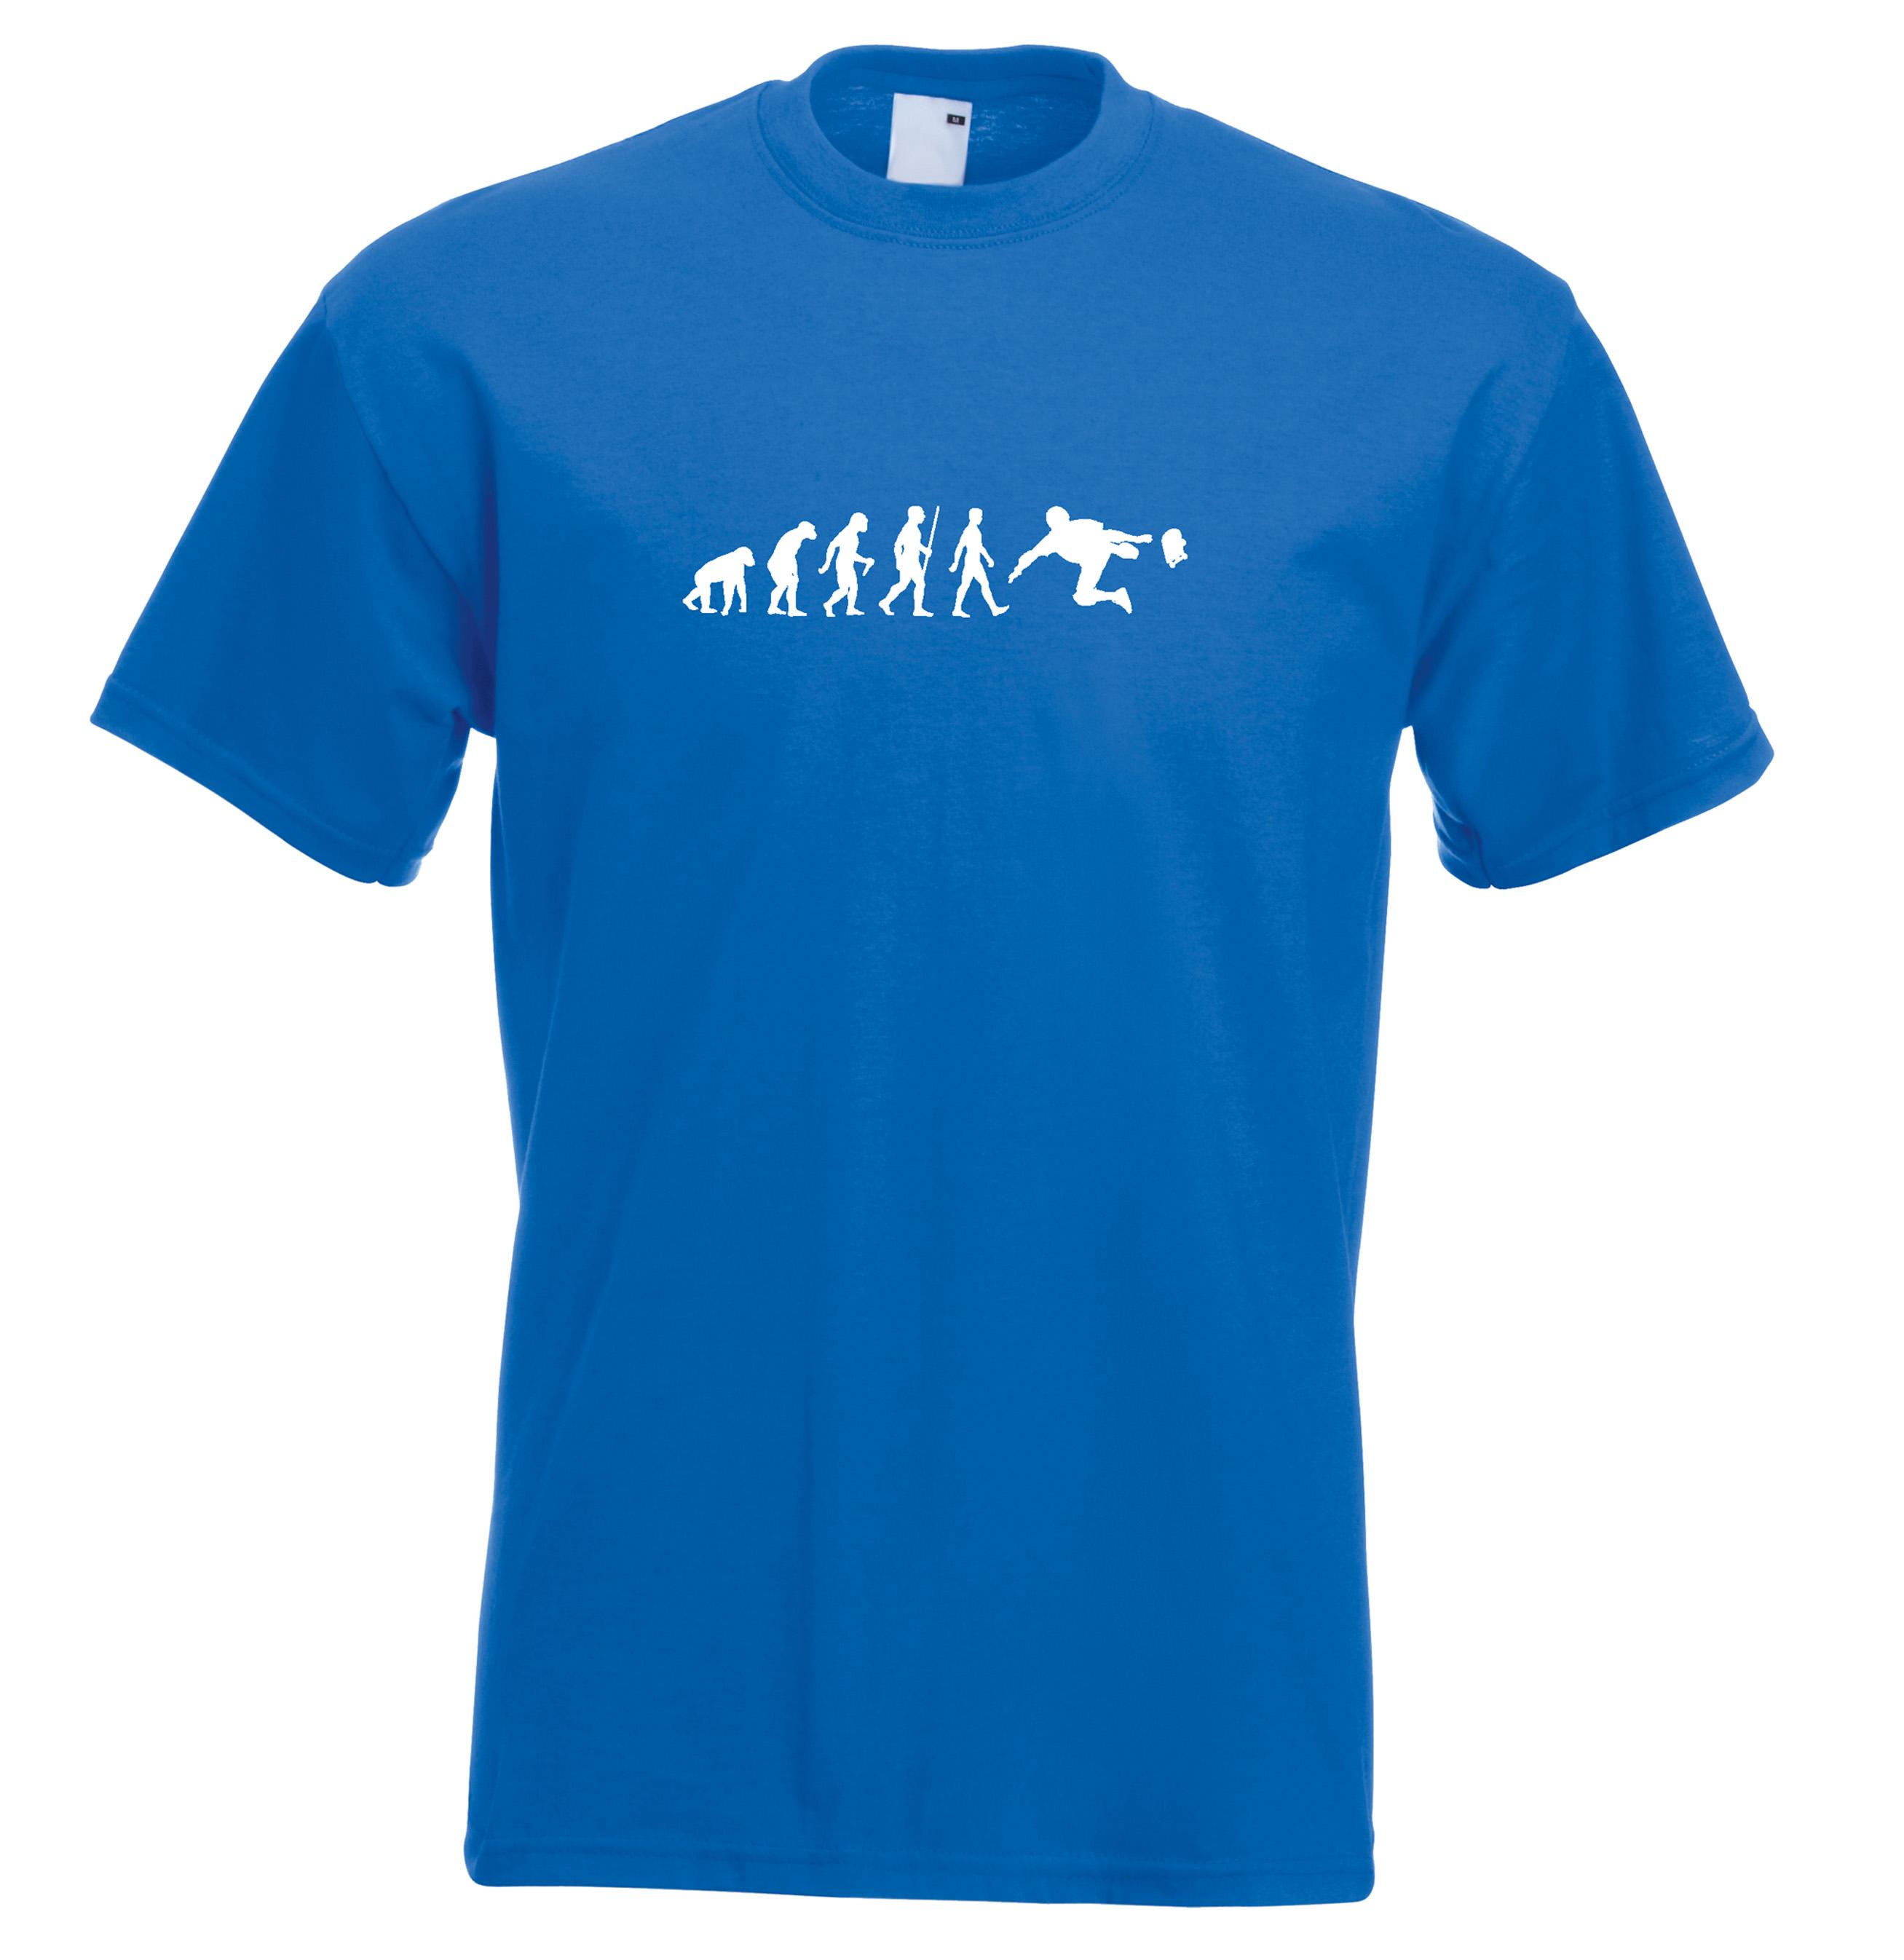 Juko Kids Skateboard T Shirt Children/'s Skater Evolution Top